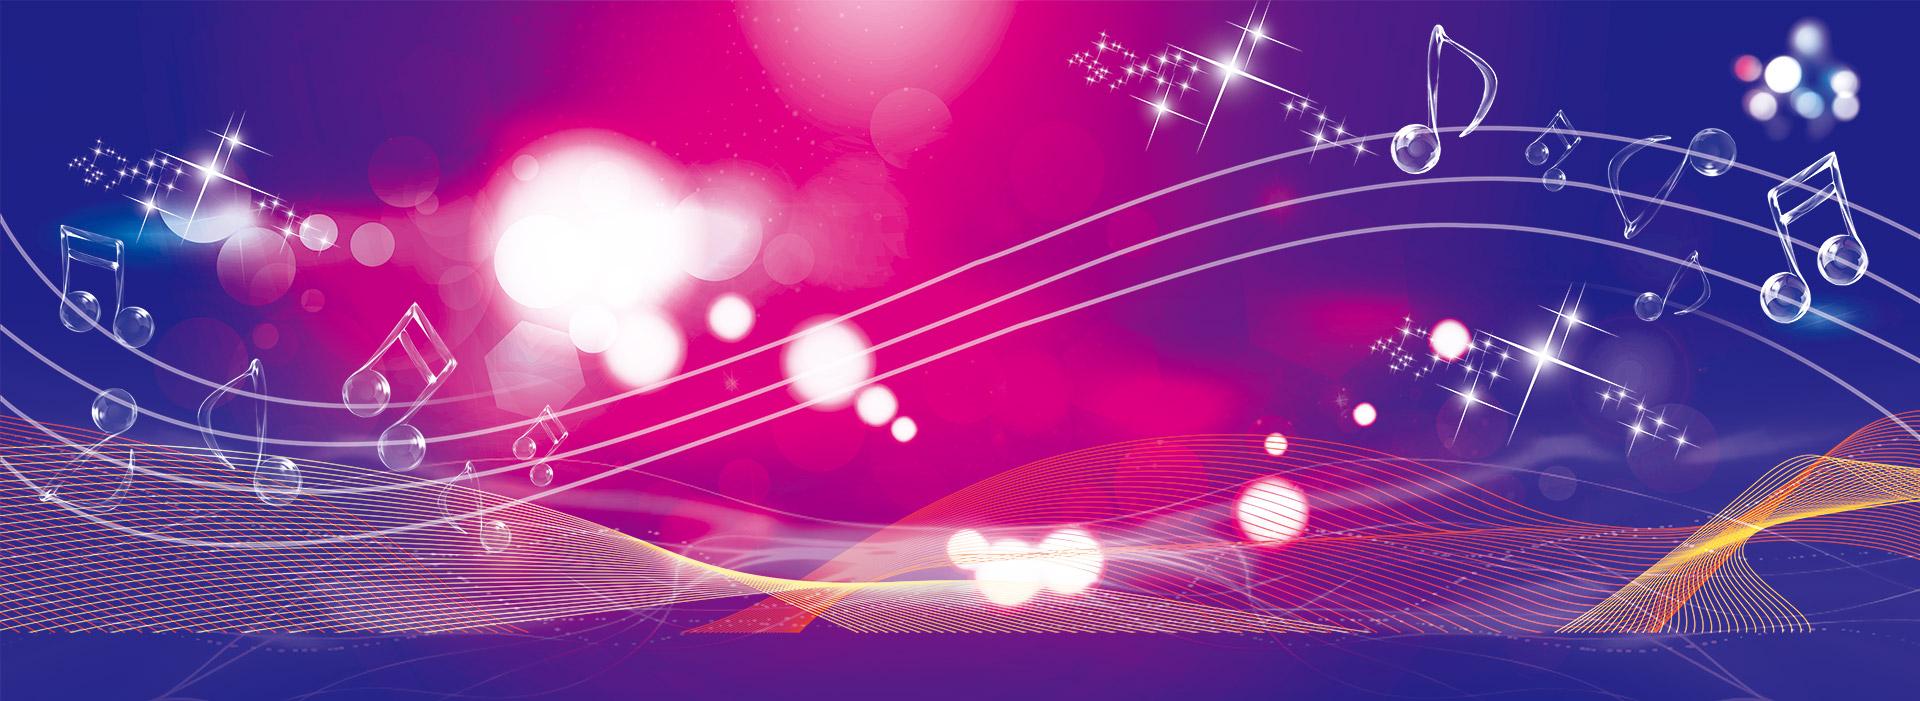 fantasia m u00fasica vagas background notas musicais m u00fasica